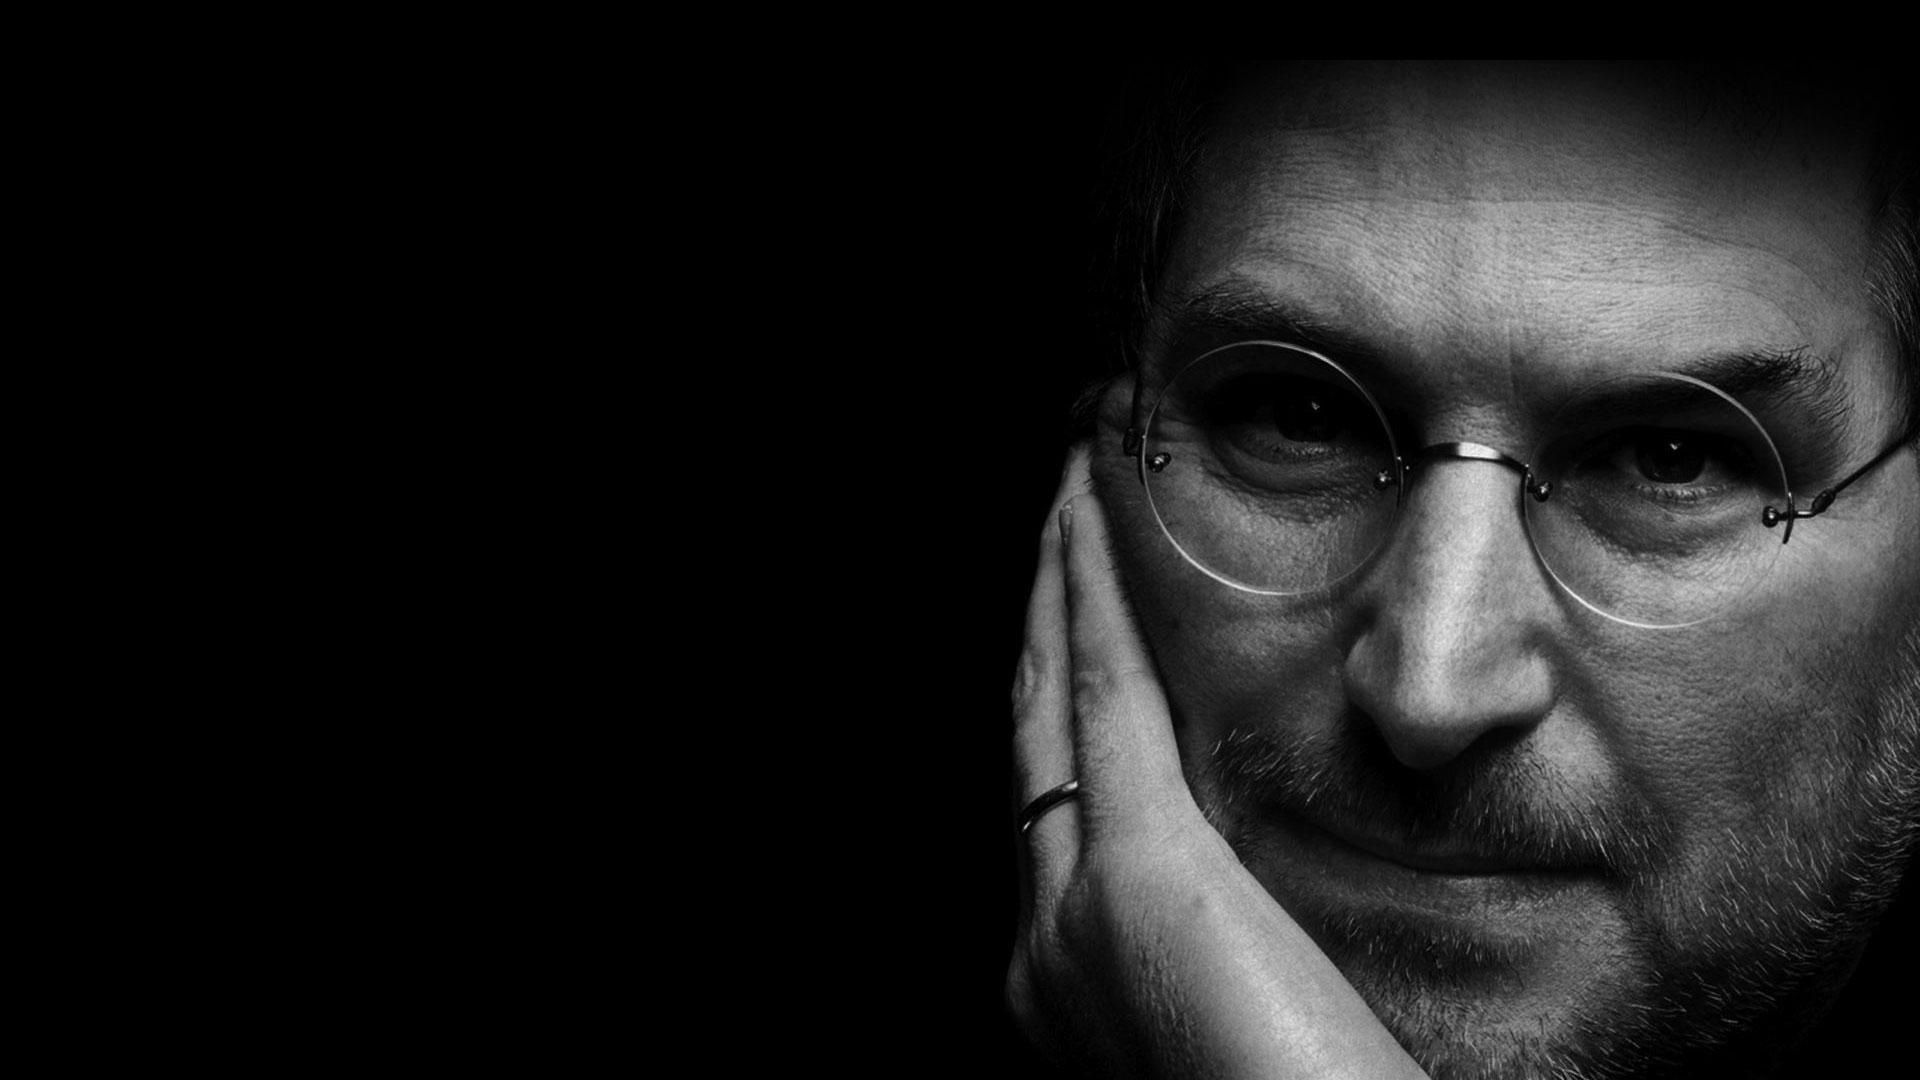 Steve Jobs'ın Kendi Çocuklarına Kullandırmadığı iPad, Bizim Çocuklarımıza Ne Yapıyor?